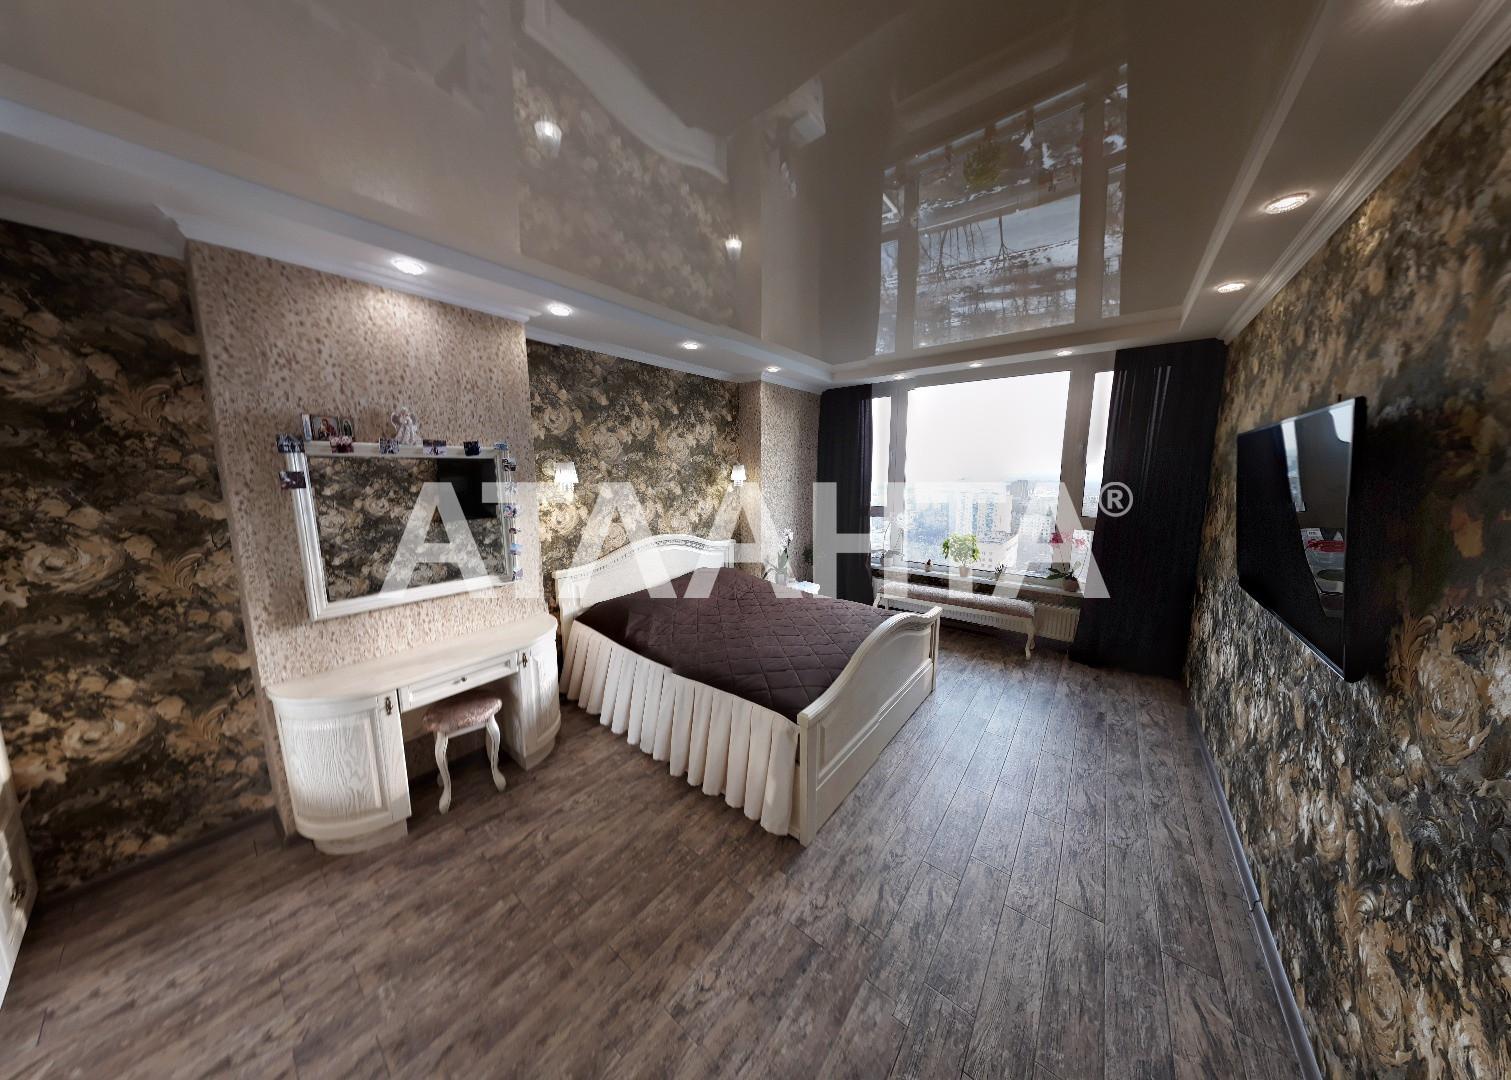 Продается 3-комнатная Квартира на ул. Конева — 165 000 у.е. (фото №10)